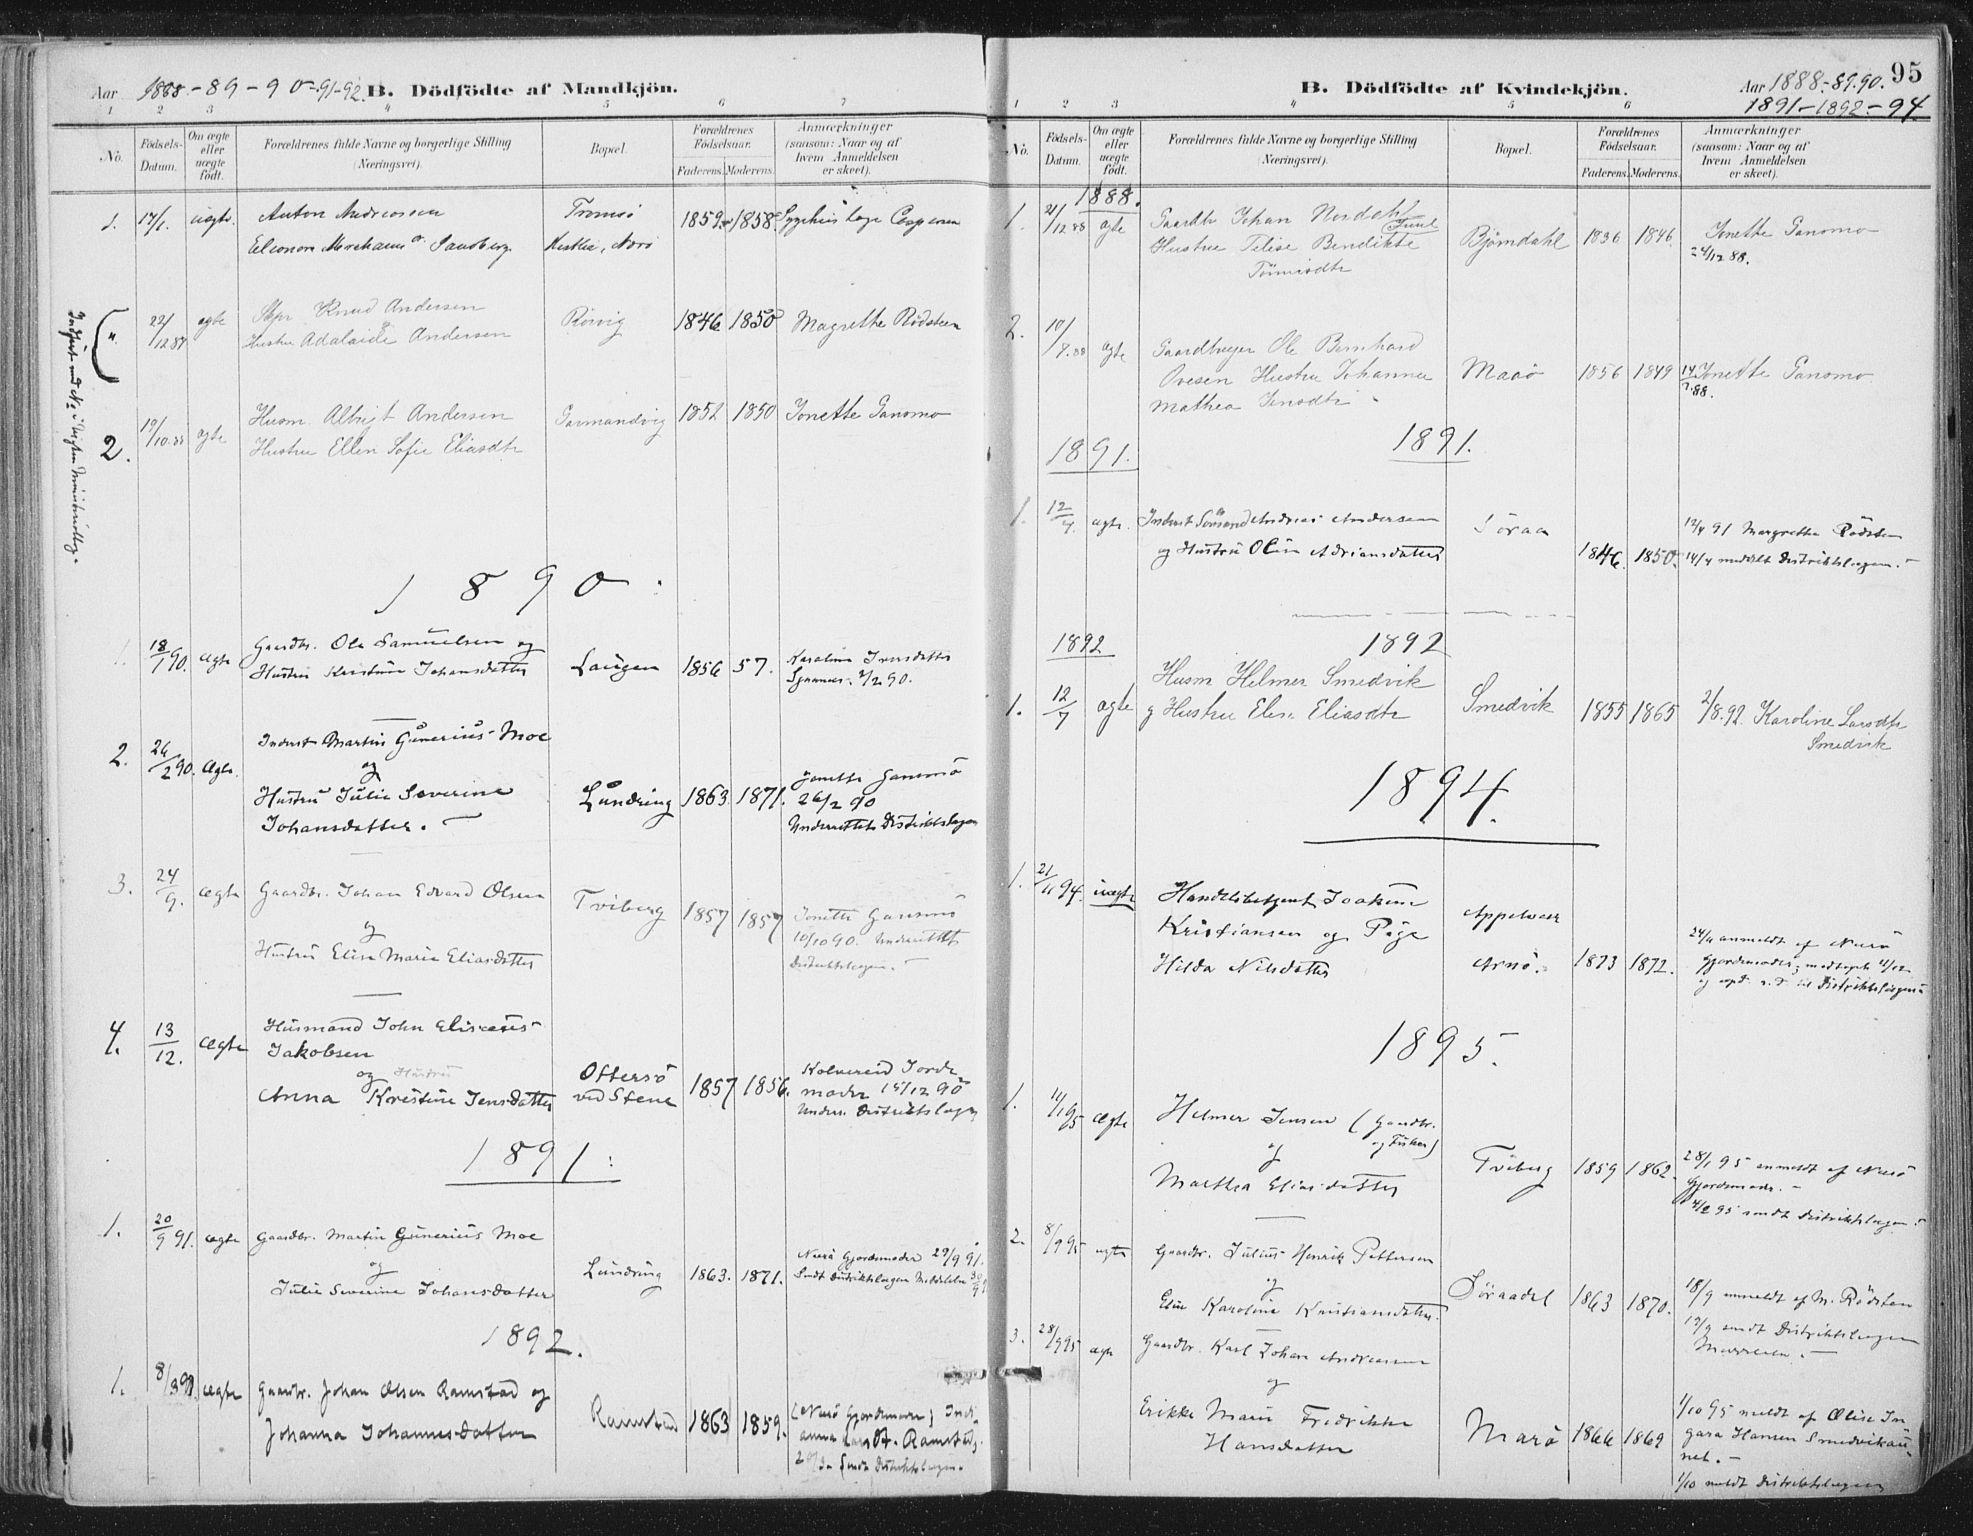 SAT, Ministerialprotokoller, klokkerbøker og fødselsregistre - Nord-Trøndelag, 784/L0673: Ministerialbok nr. 784A08, 1888-1899, s. 95